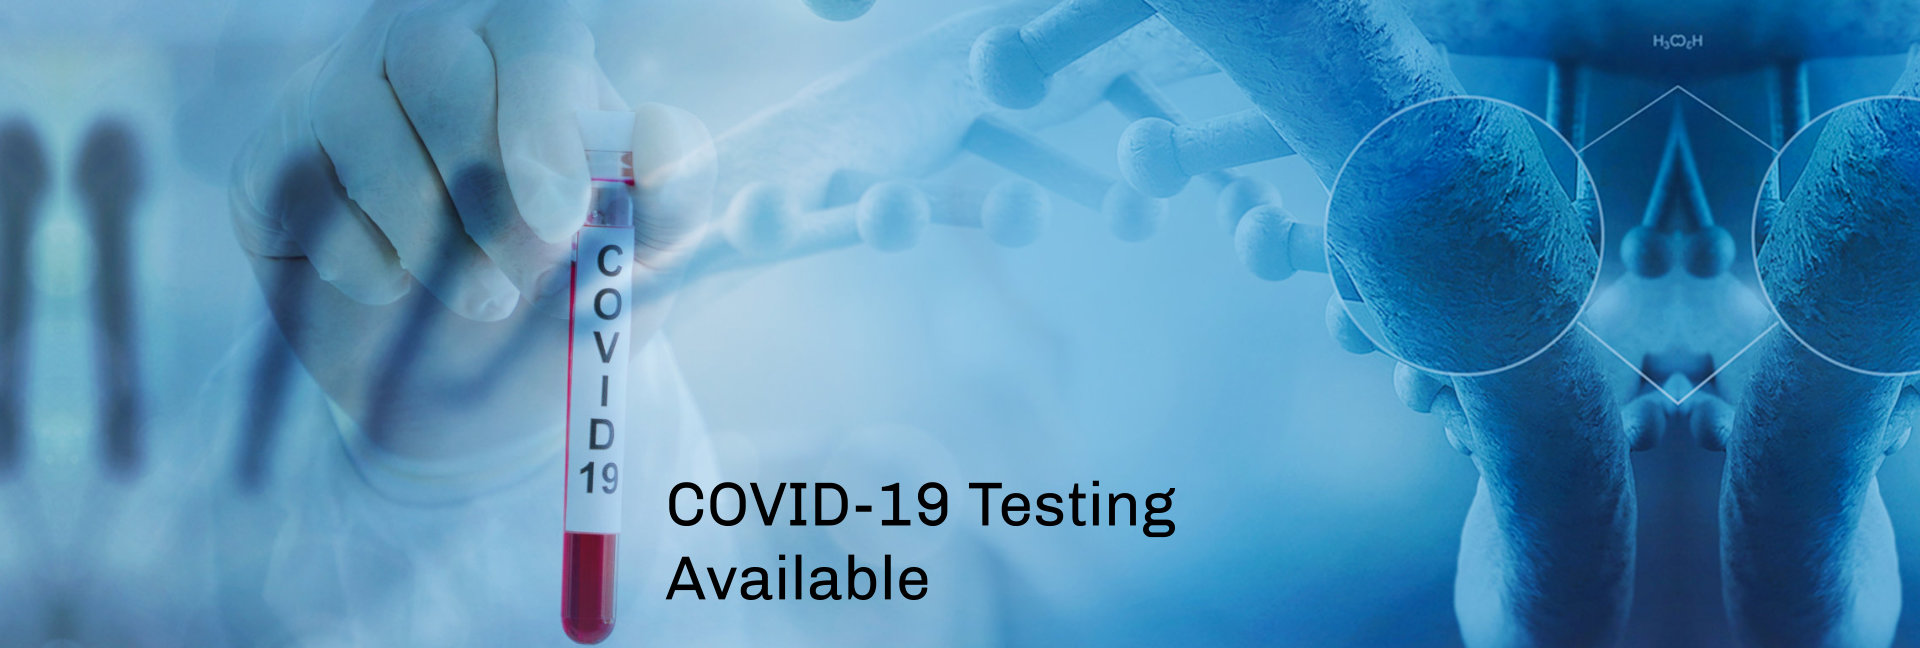 multiexposure background of coronavirus covid 19